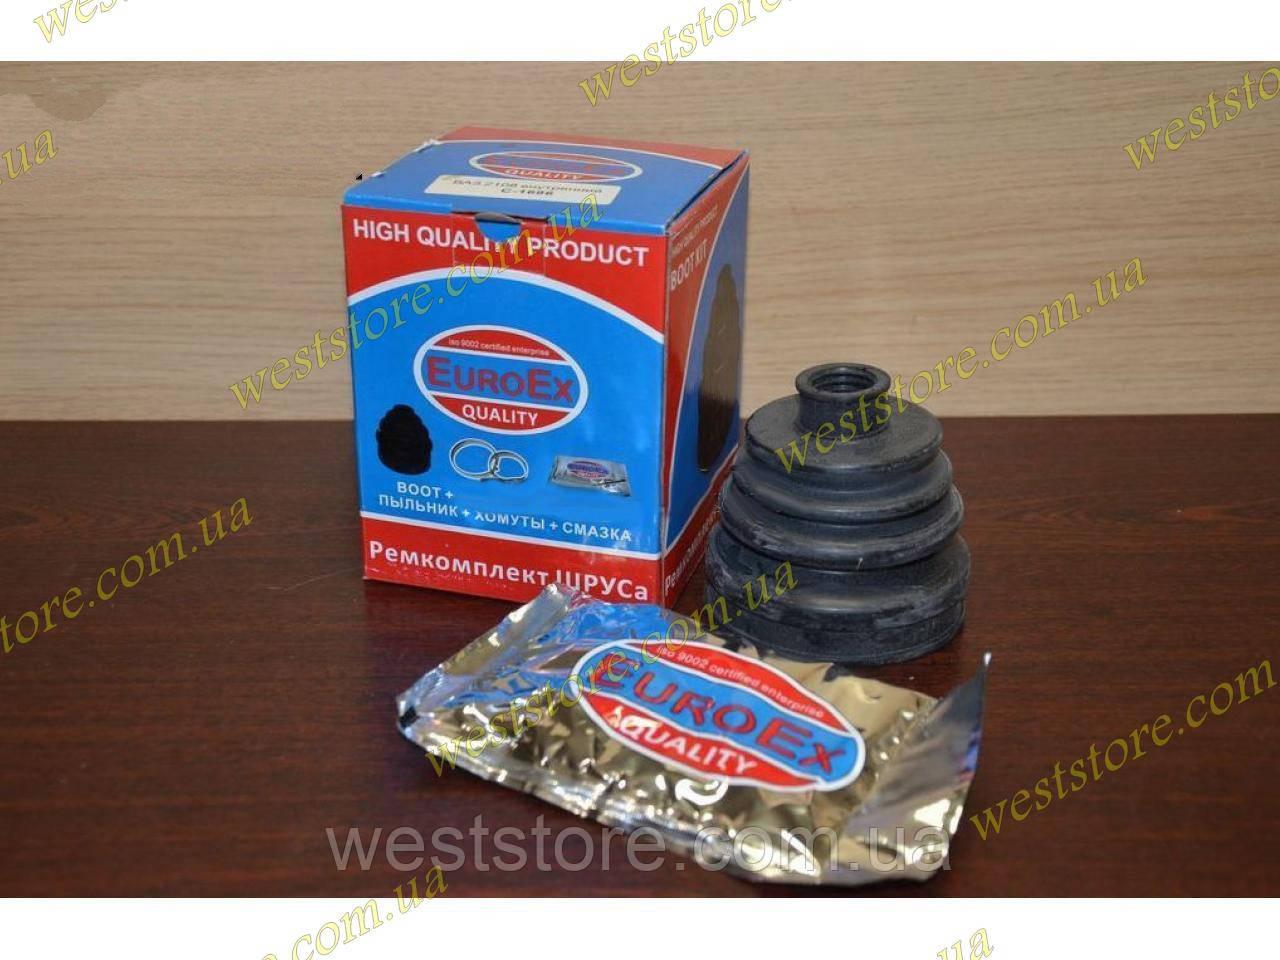 Пыльник шруса Ваз 2108 2110 2115 2170 внутренний  EuroEx Extra Венгрия